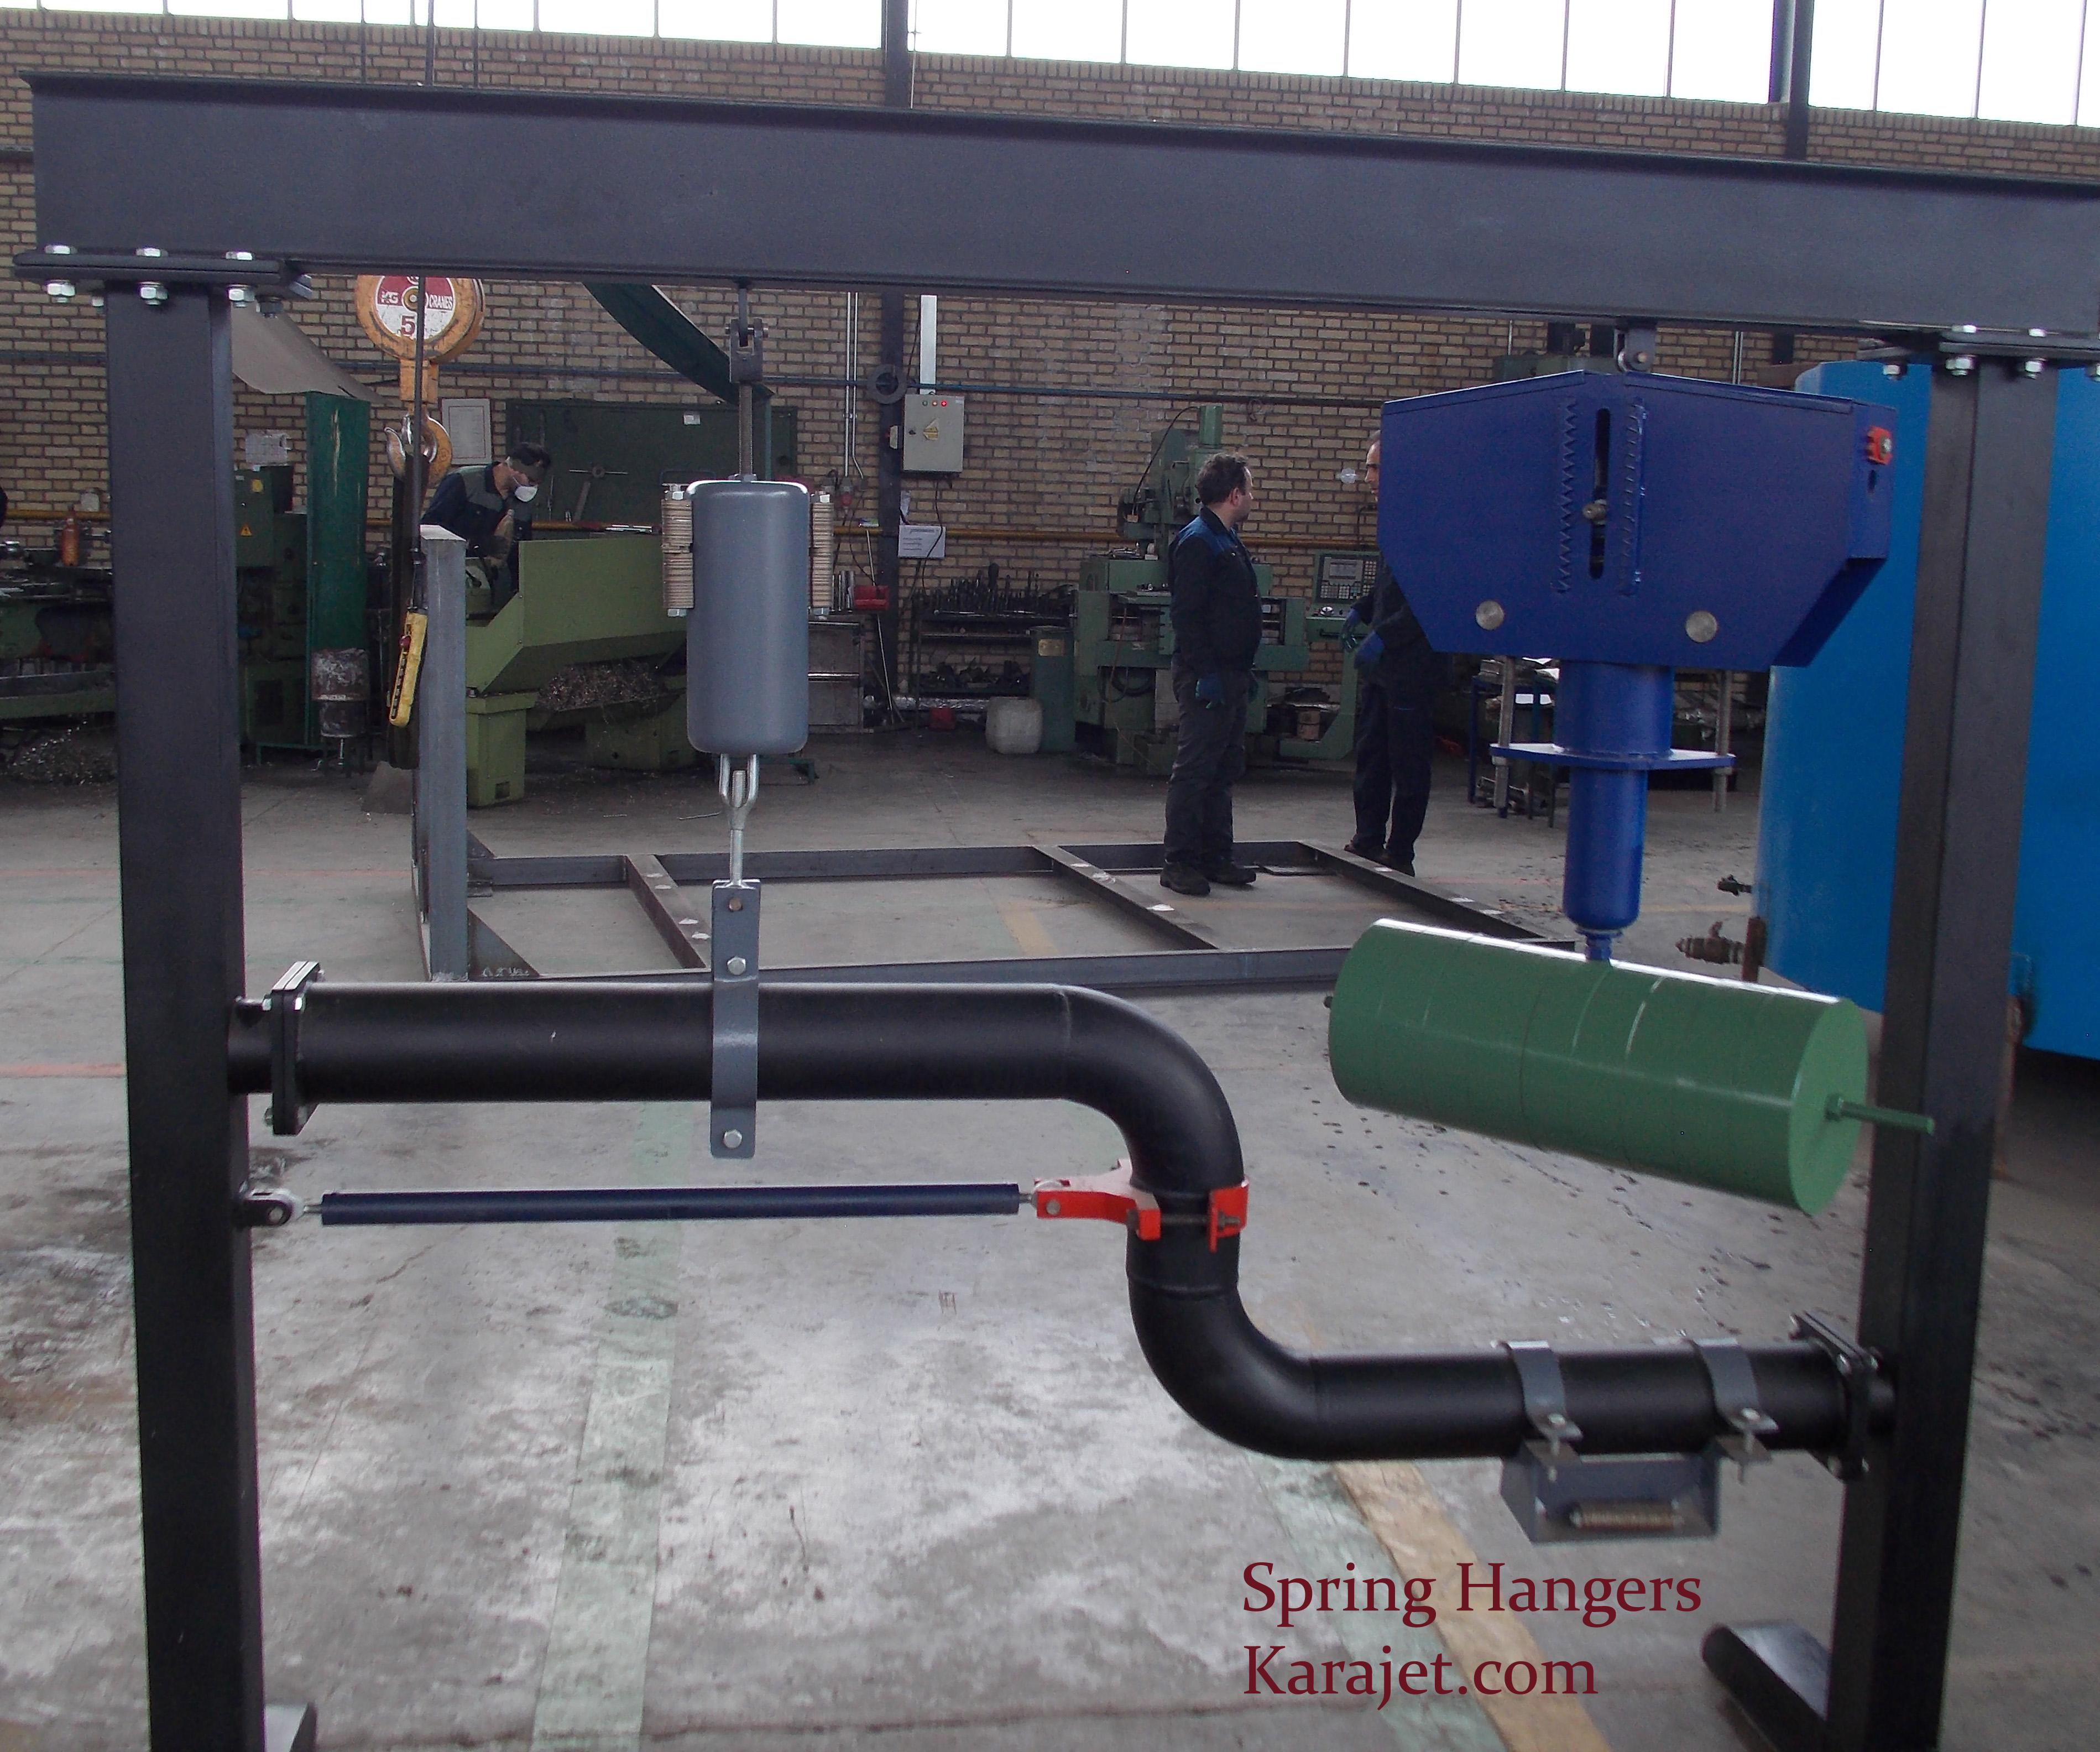 Spring Hanger-Karajet.com